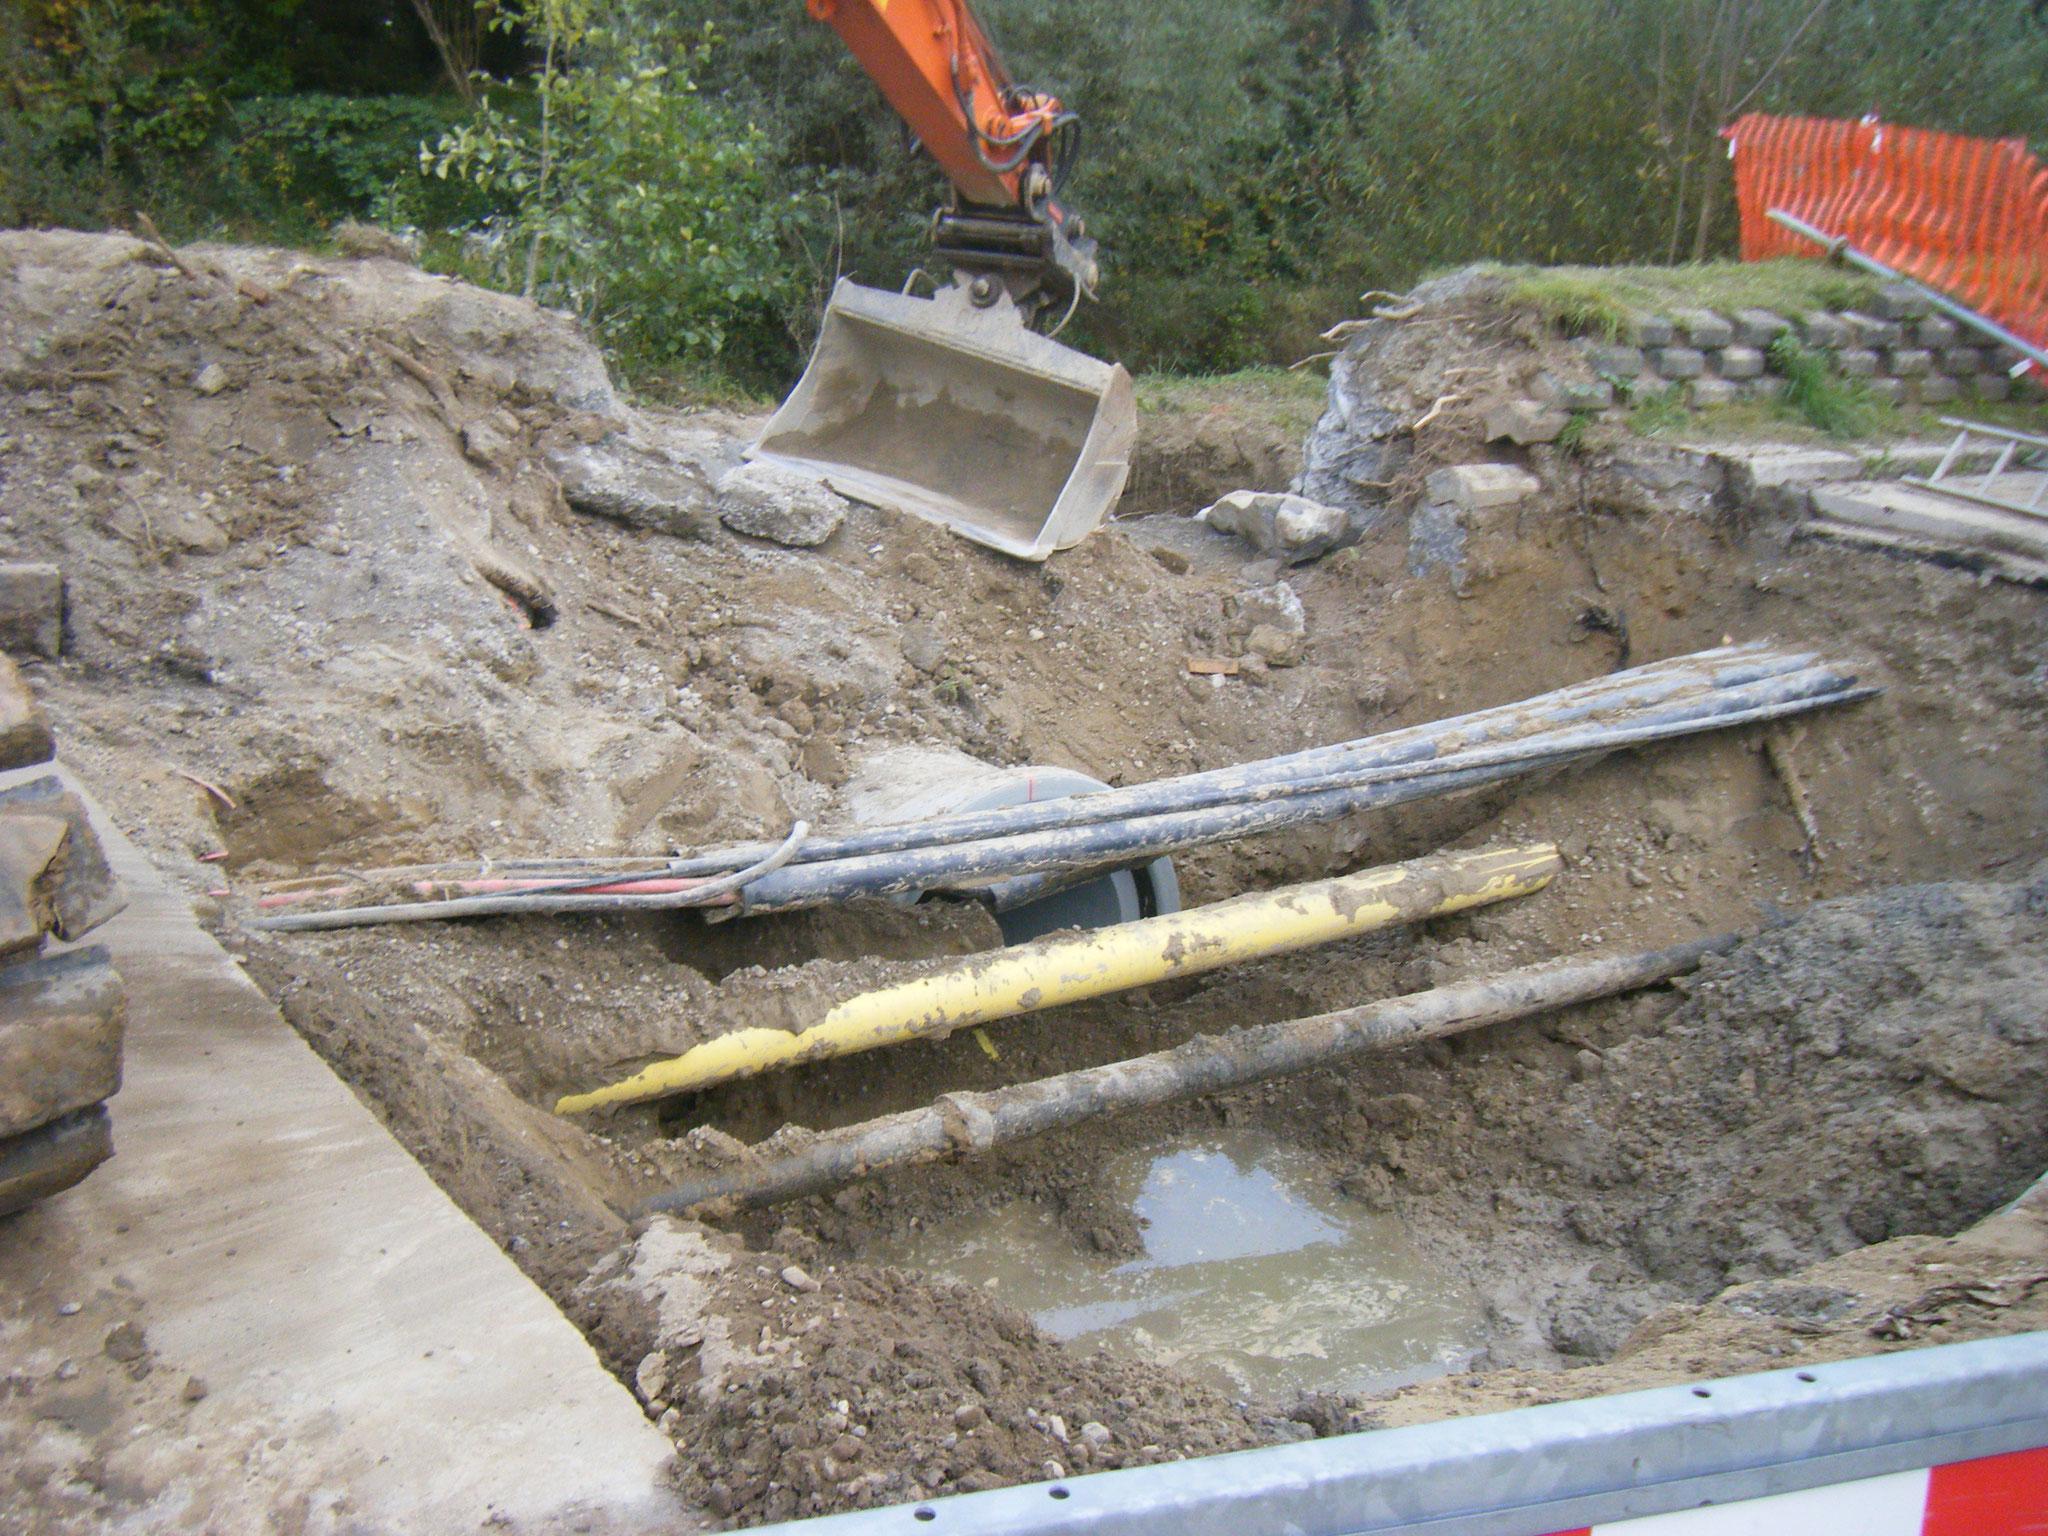 Es muss sogar eine Gasleitung aufwendig umgeleitet werden,  da das Kanalisationsrohr mitten durch geplant wurde